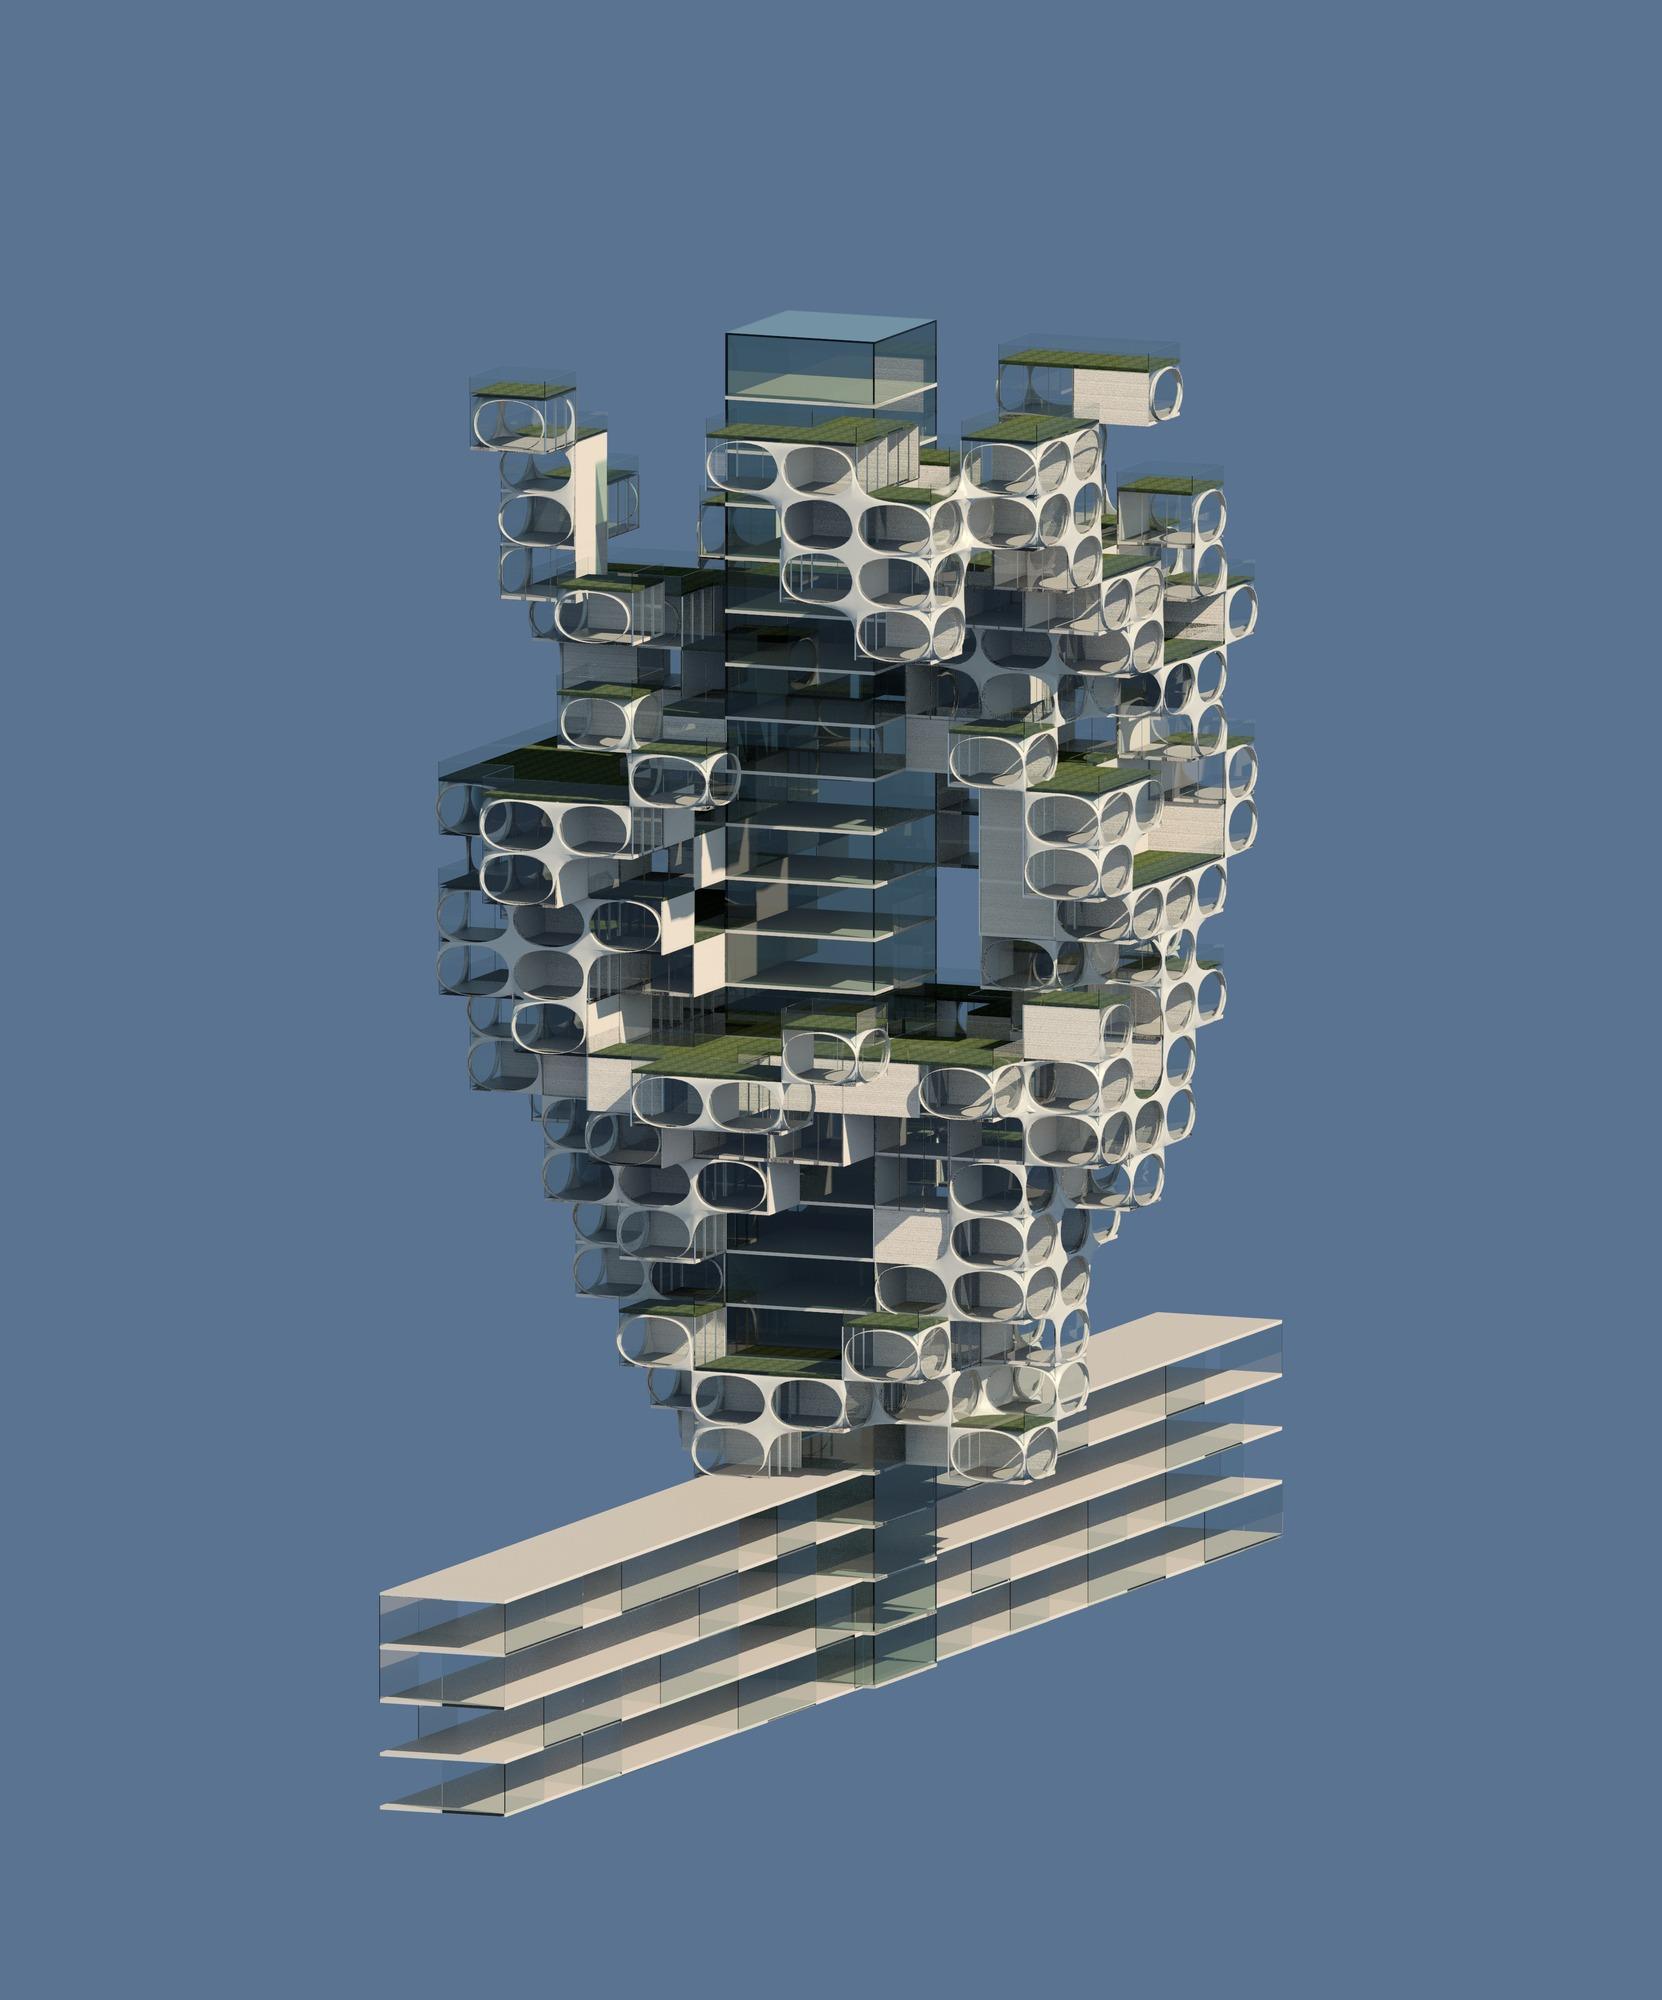 Raas-rendering20150424-22814-1qsqkb5